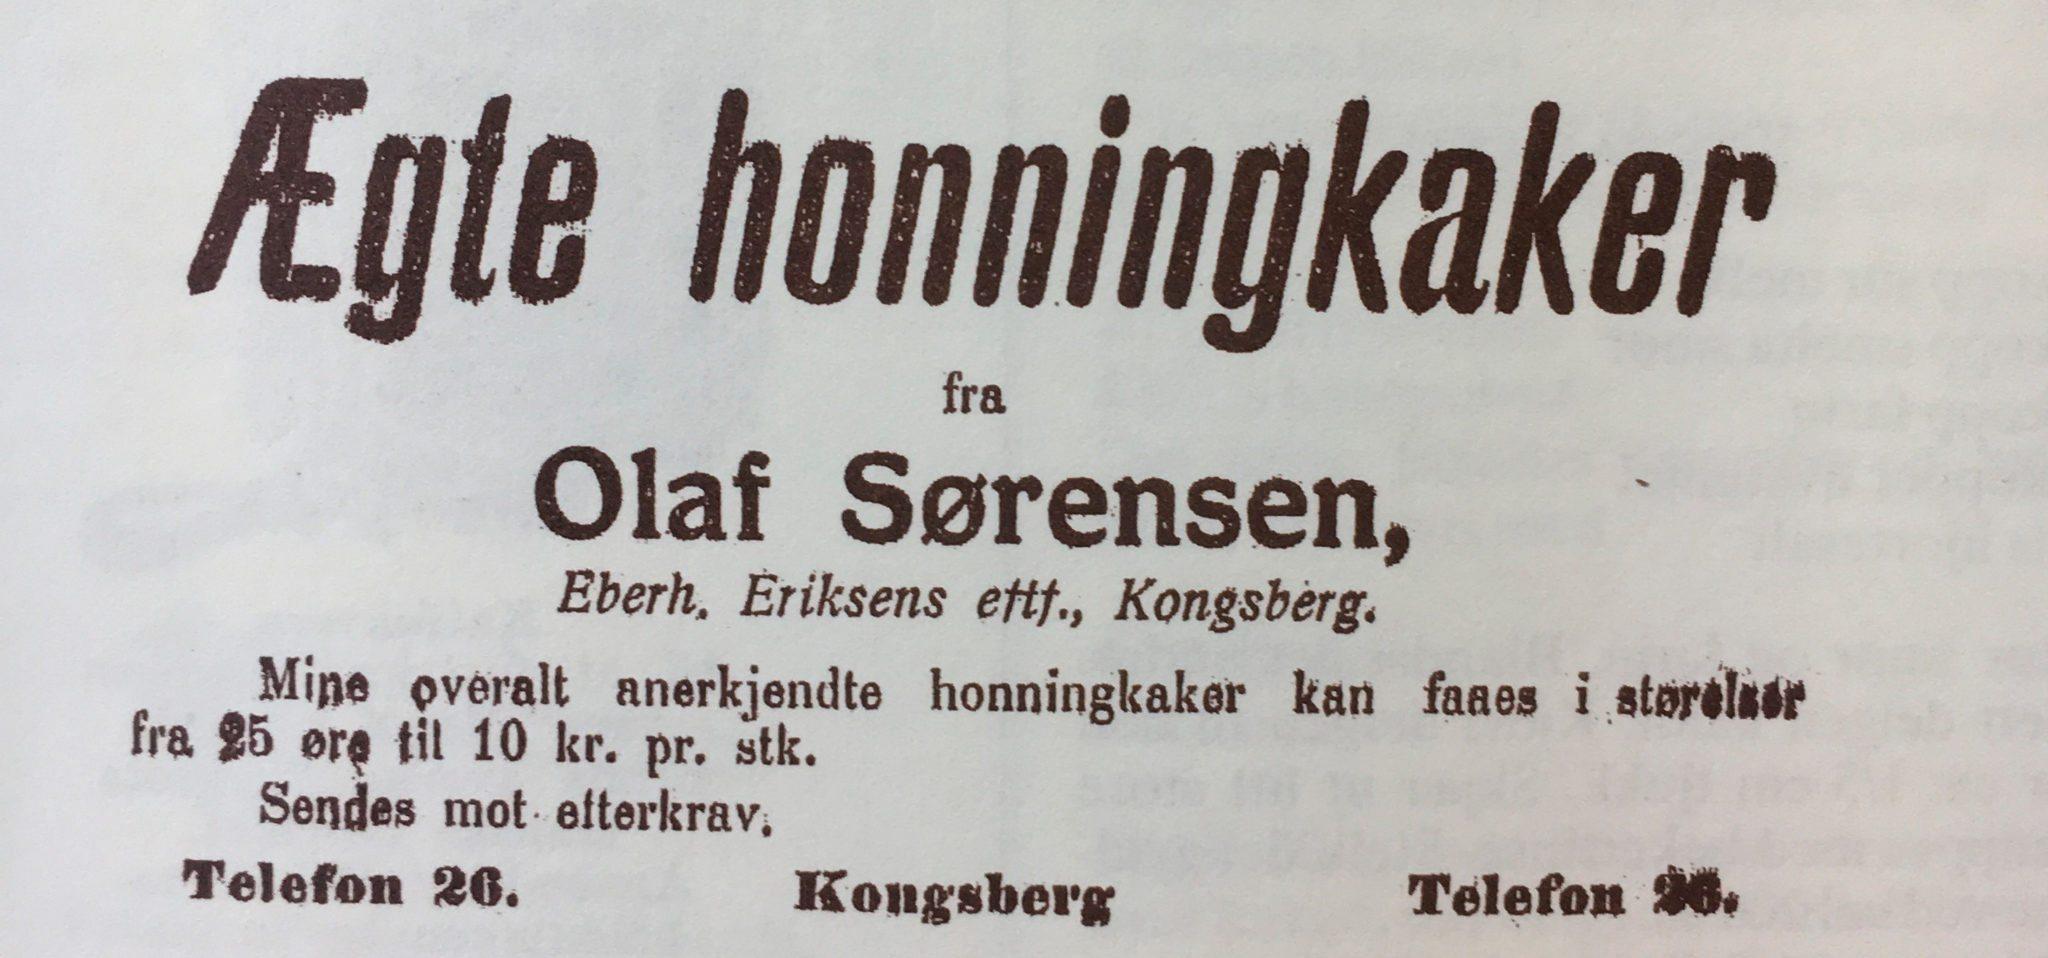 Fra 25 øre til 10 kr. pr. stk. Annonse i Buskerud Blad, 1920.